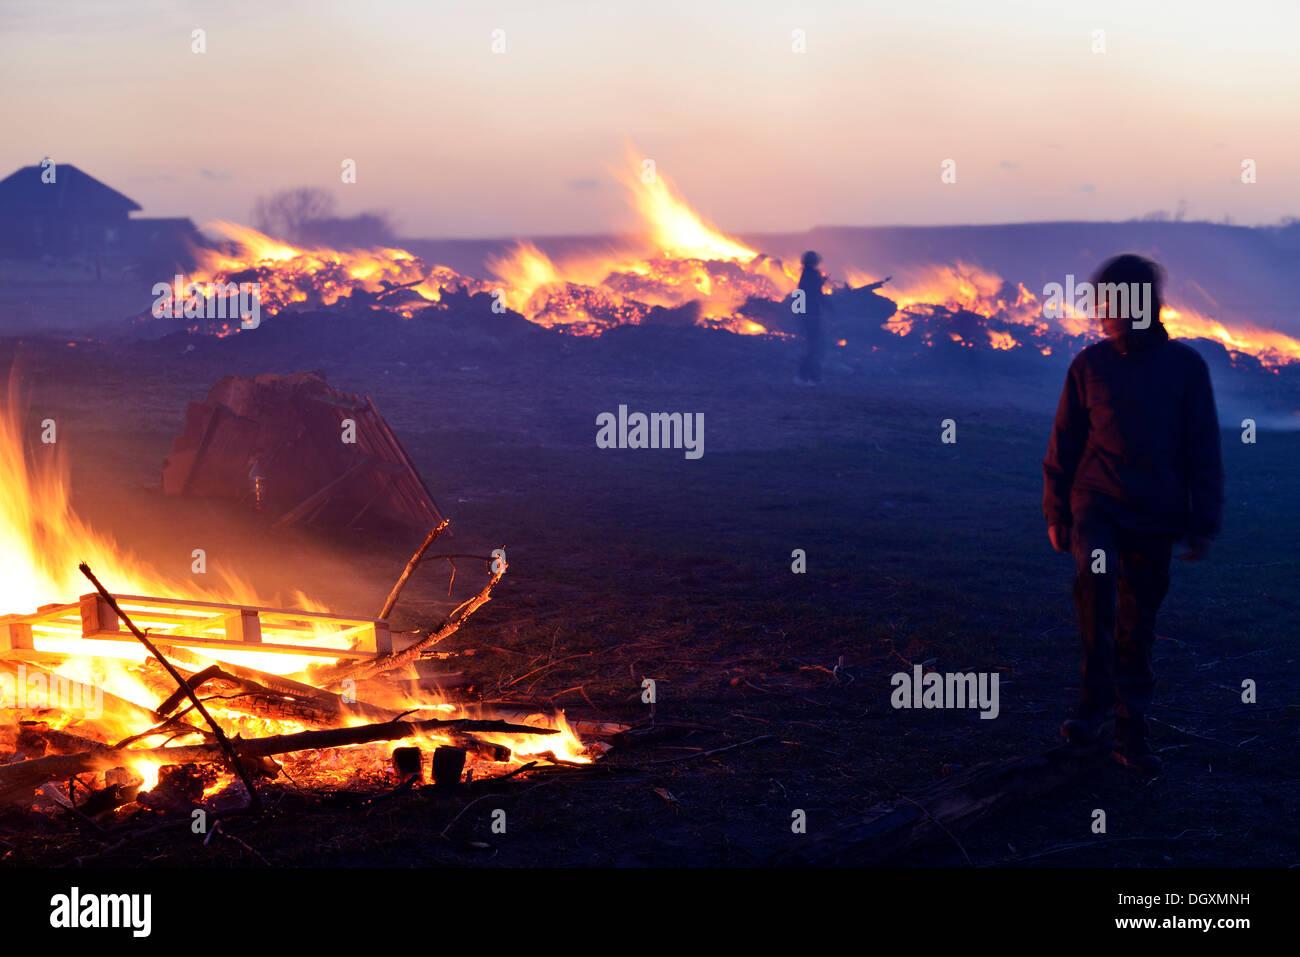 """""""Mai-Blaze"""" Lagerfeuer in der Feier des Frühlings und der Beginn des Lichts, auch Meierblis in Niederländisch, Oudeschild, Texel Stockbild"""